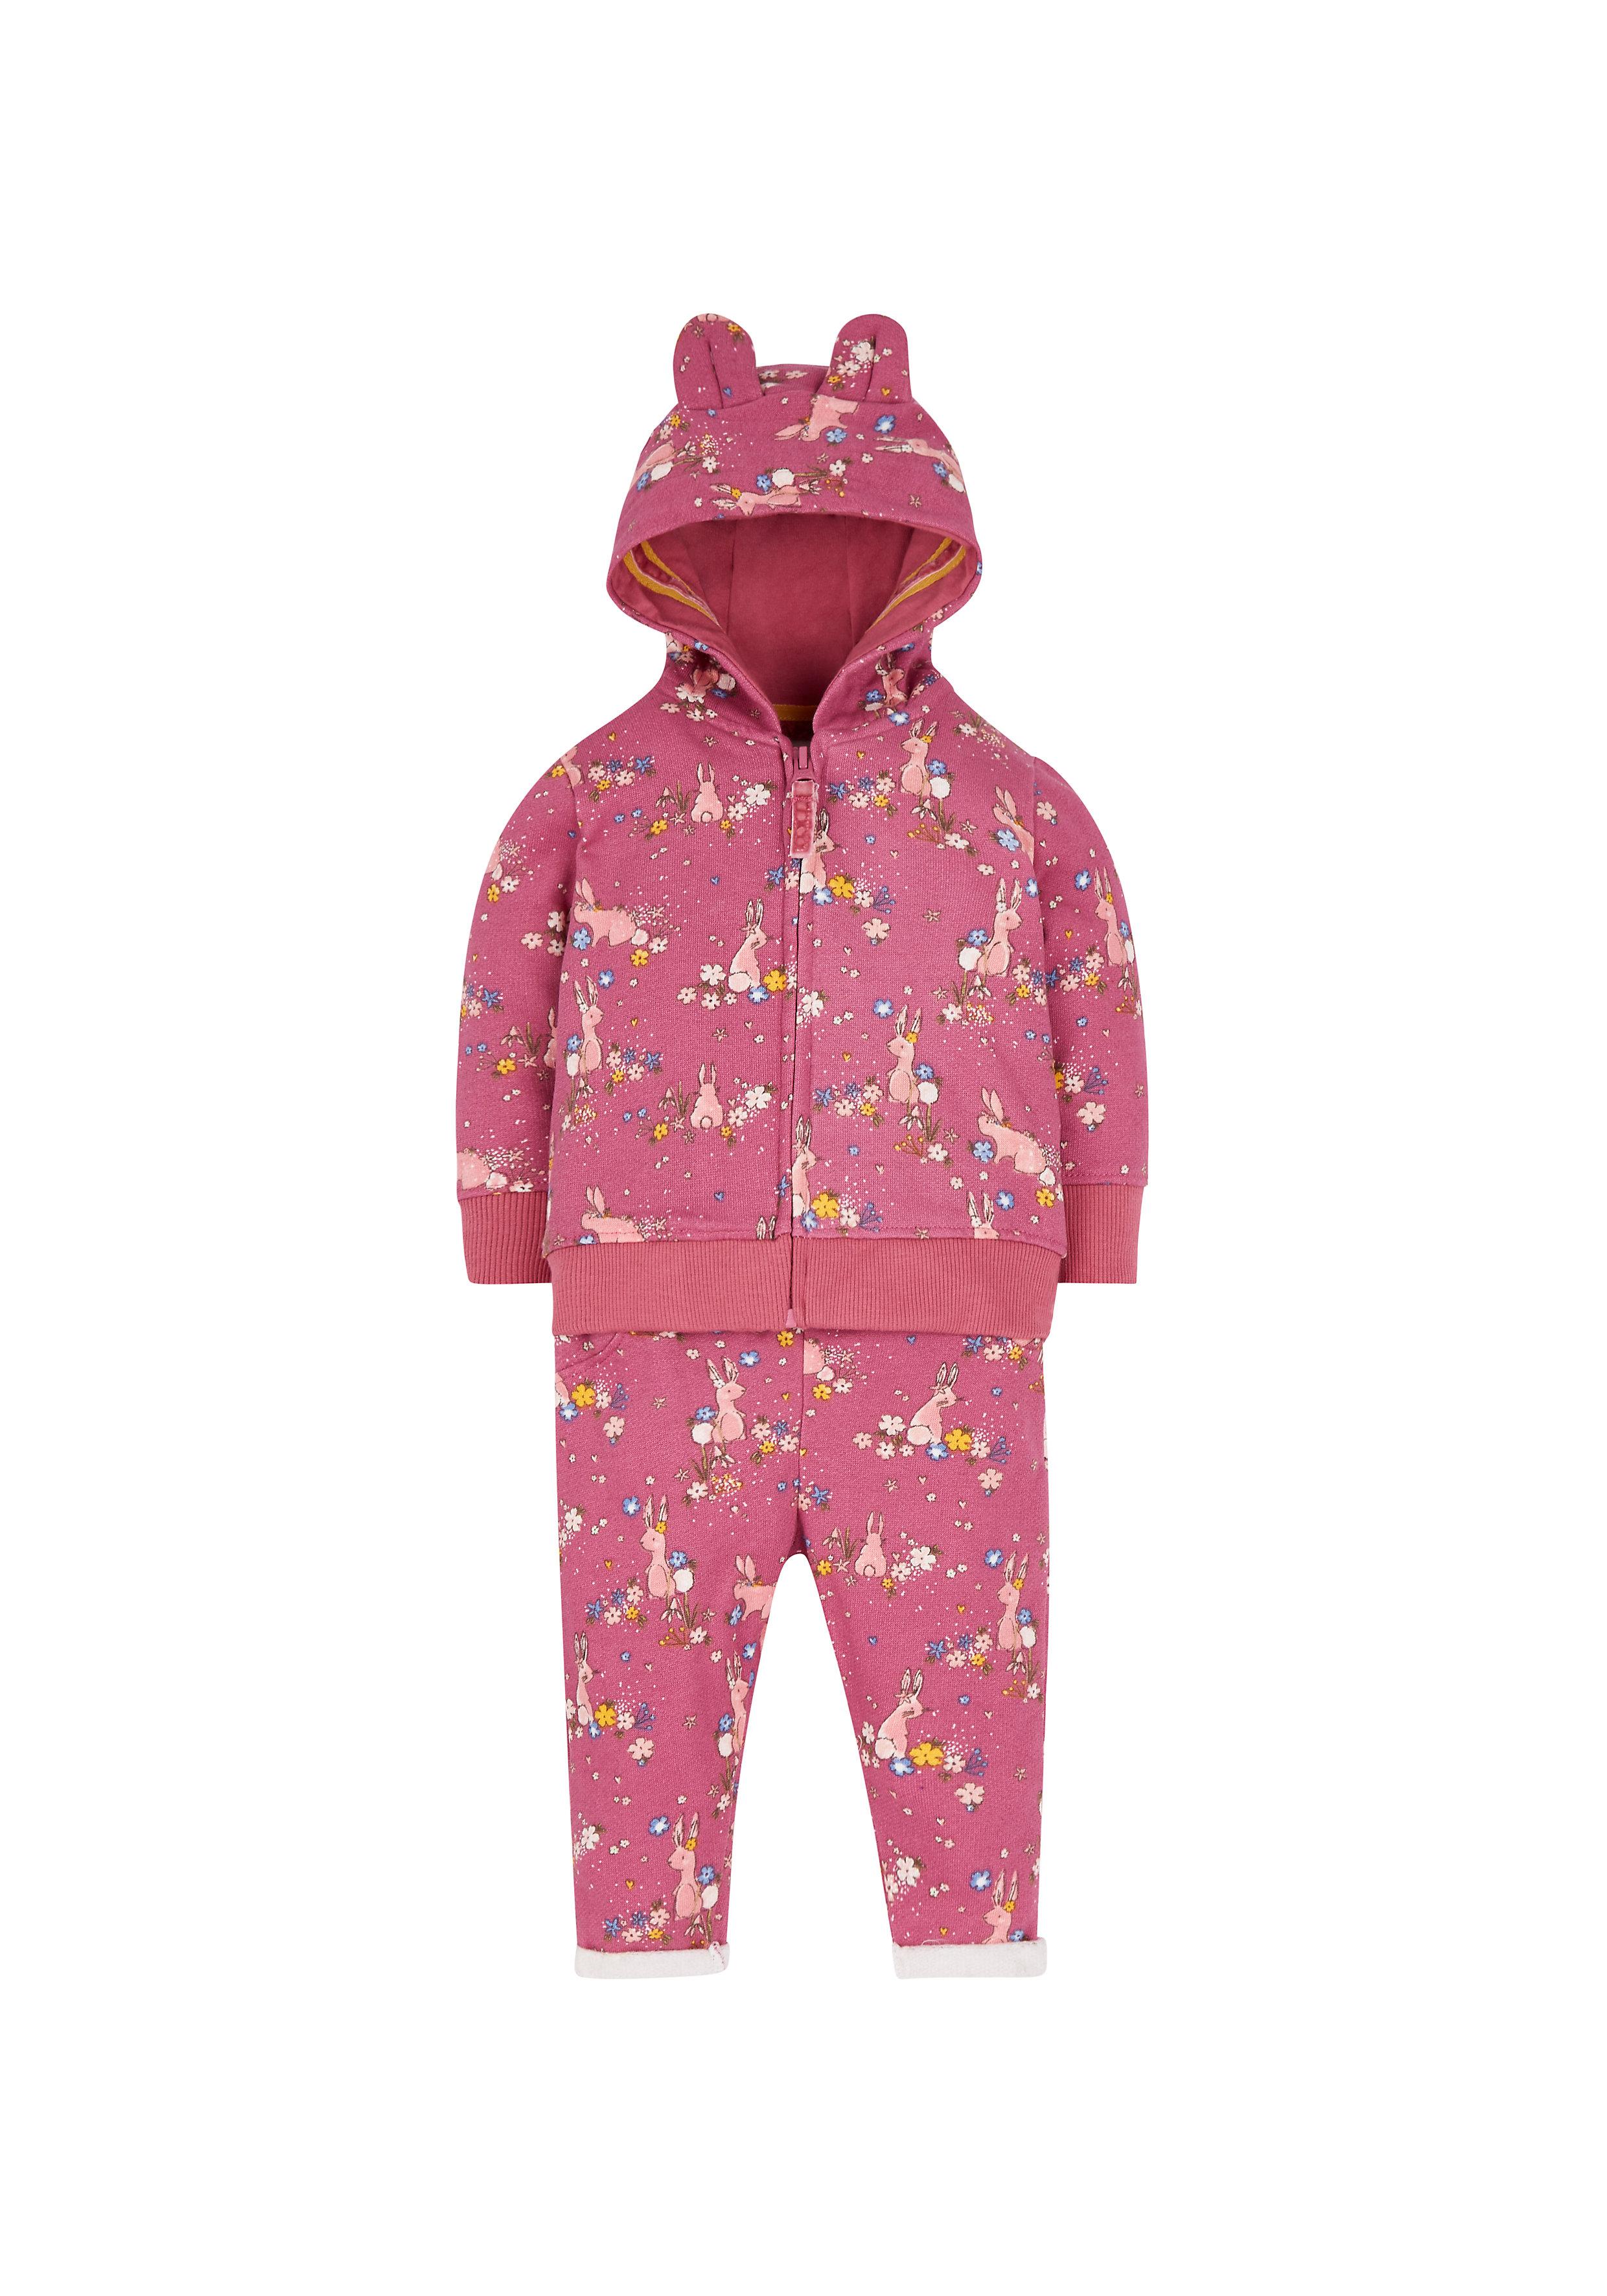 Mothercare | Girls Full Sleeves Hooded Jog Set 3D Details - Pink